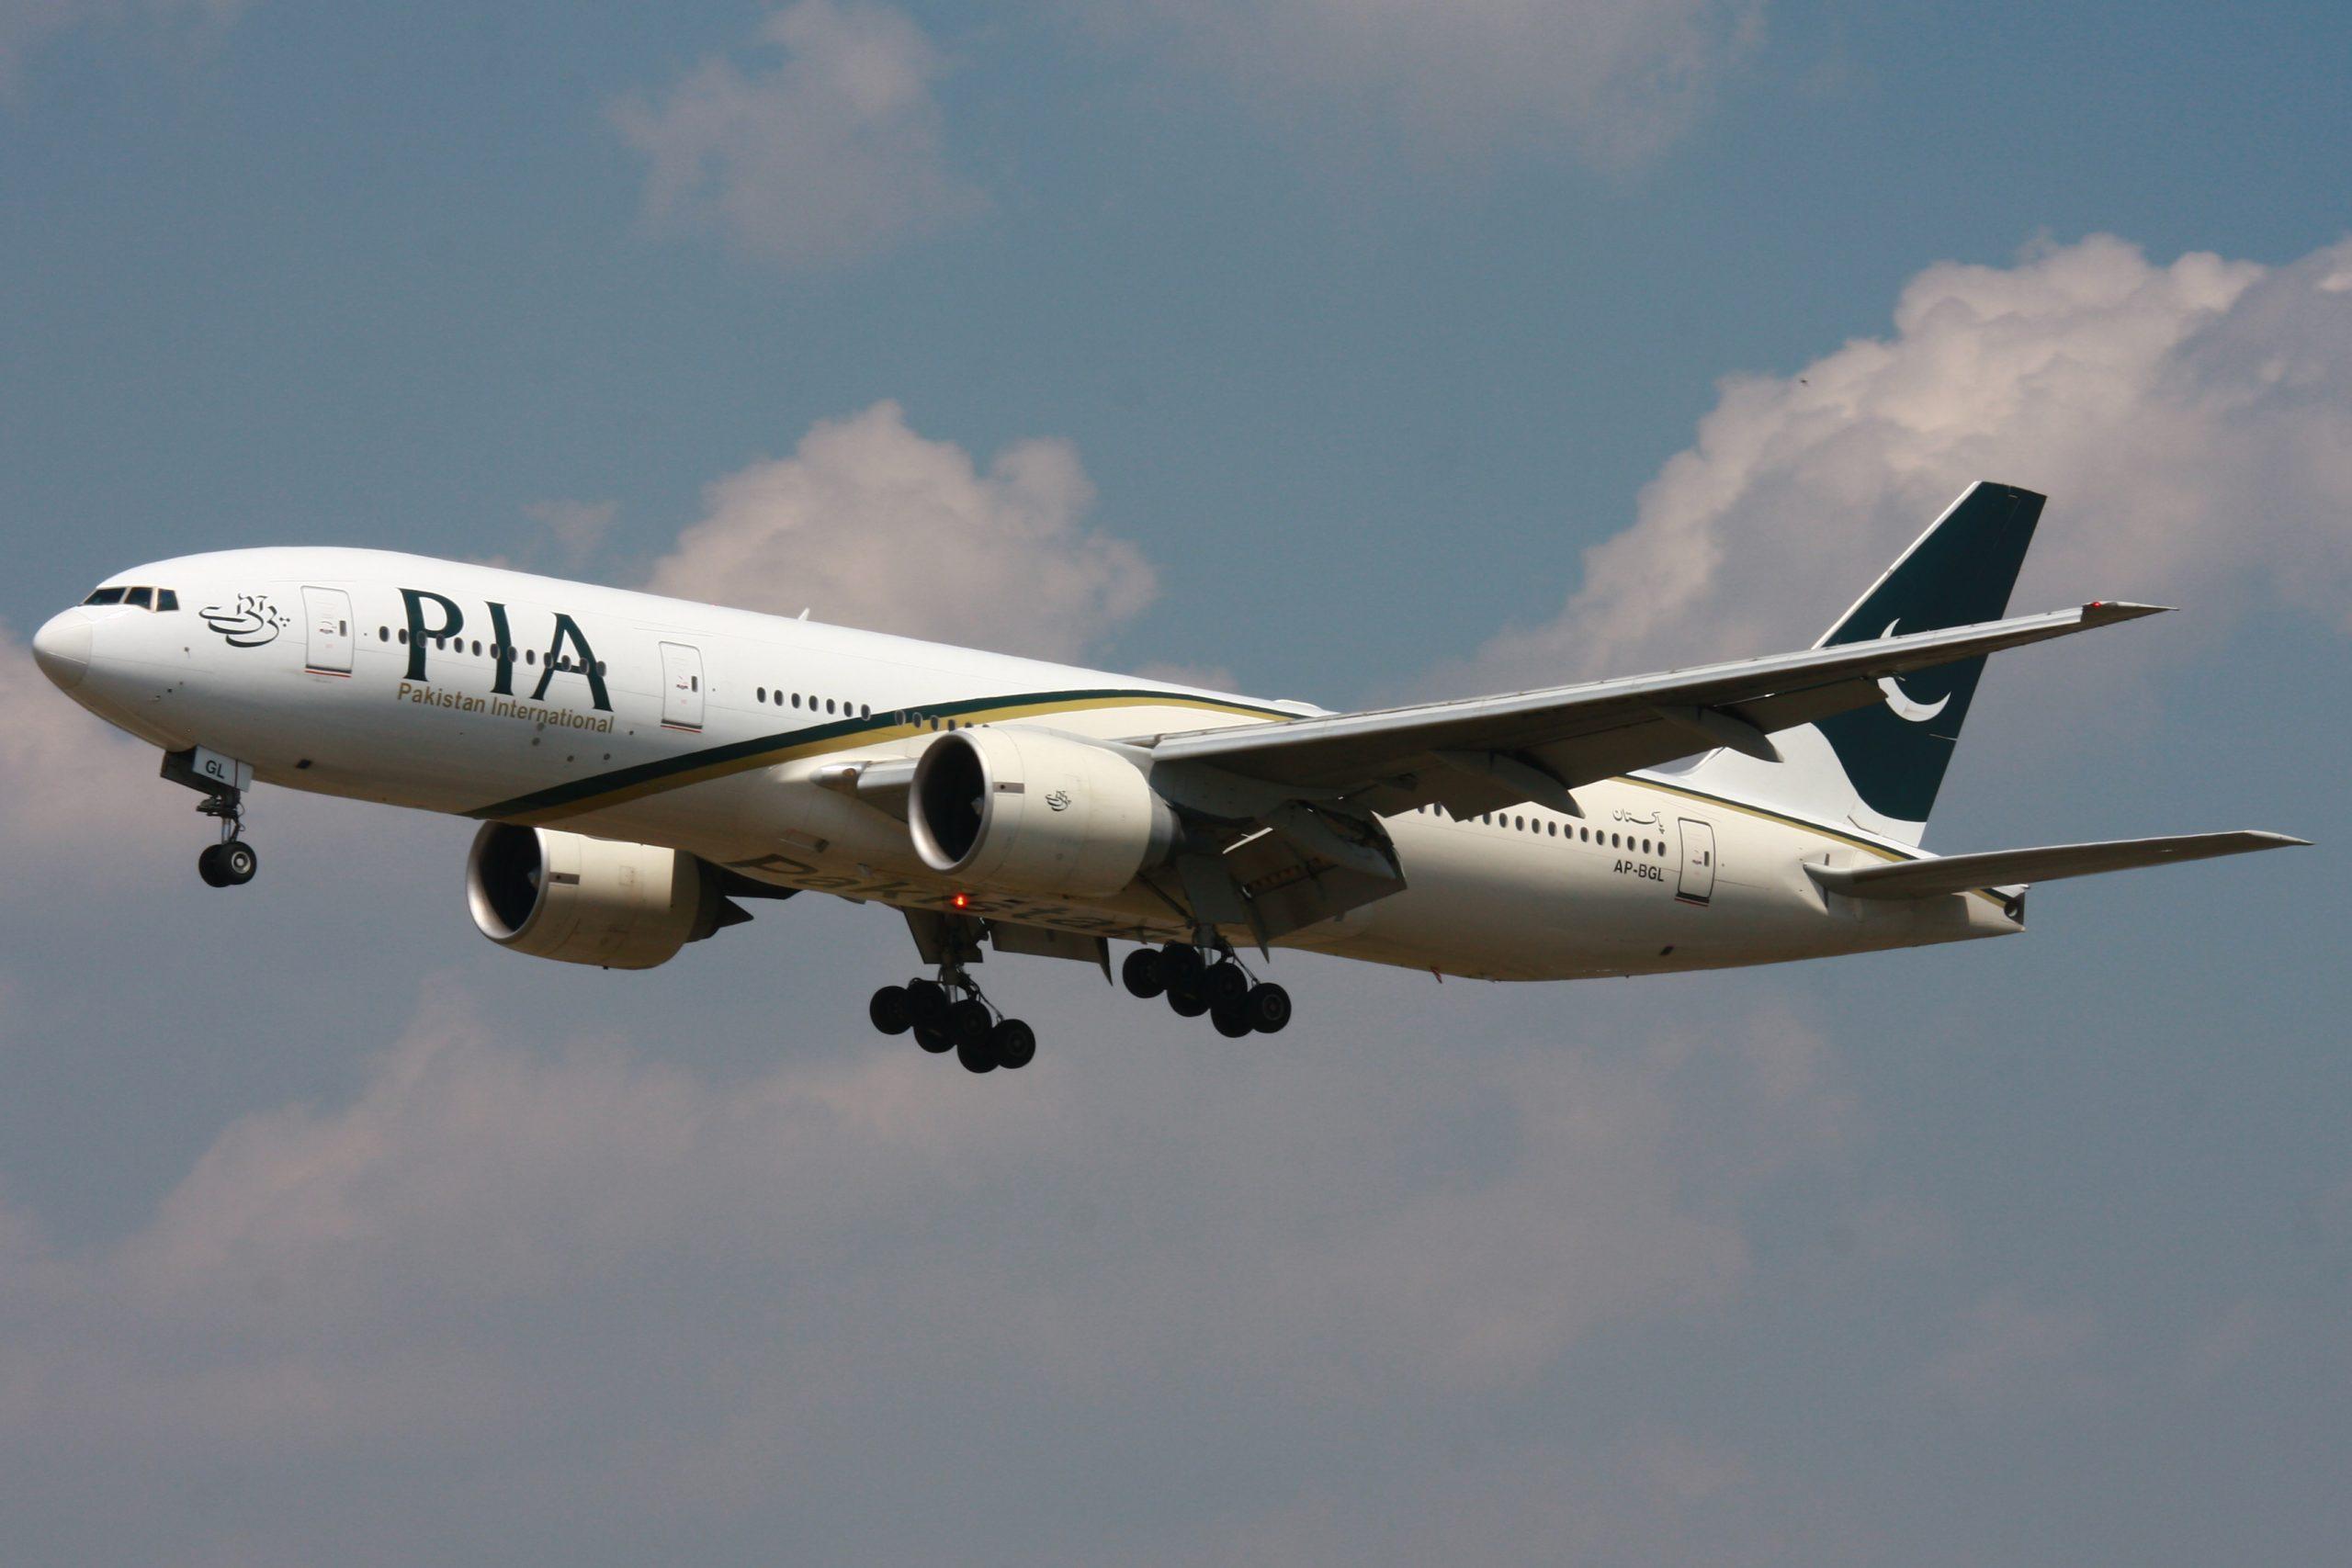 Pesawat PIA Jatuh di dekat Pemukiman Karachi, Ada Penumpang yang Selamat